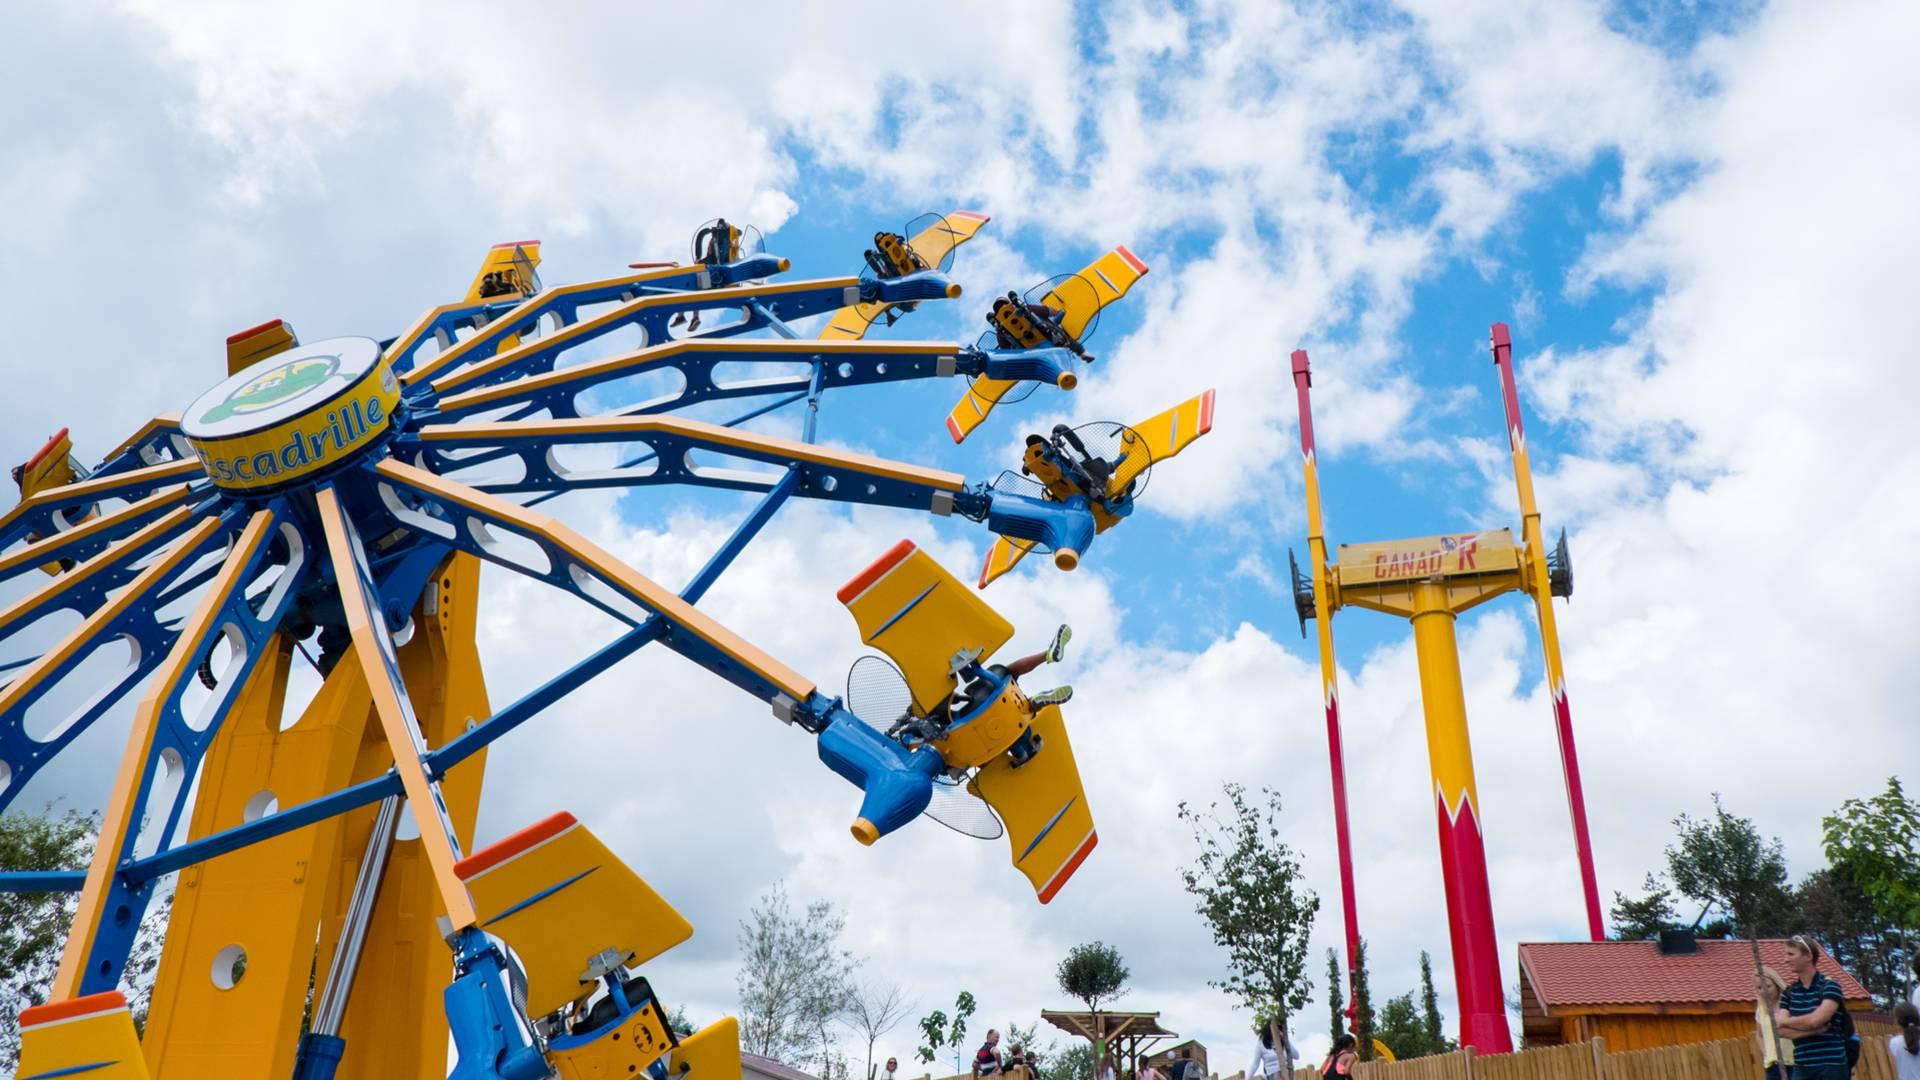 L'Escadrille, attraction du parc des Combes, Le Creusot. © Franck Juillot.